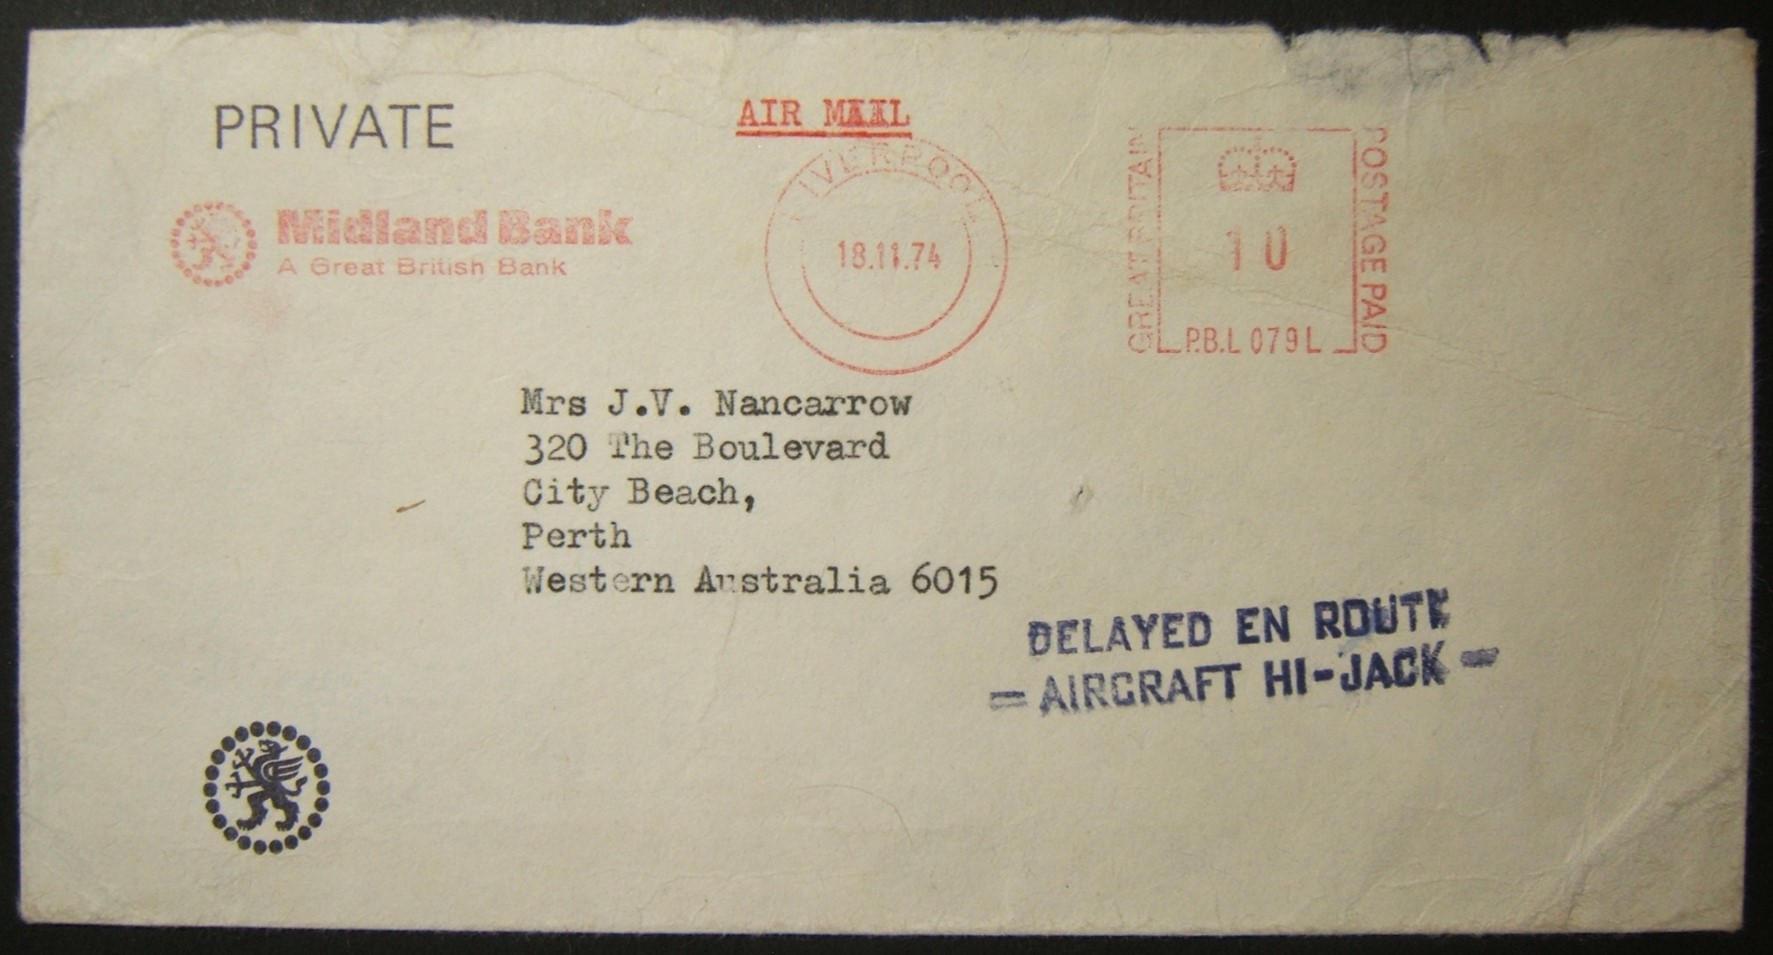 1974 طيران بريطاني إلى أستراليا من رحلة BA-870 المختطفة ؛ علامات البريدية النادرة